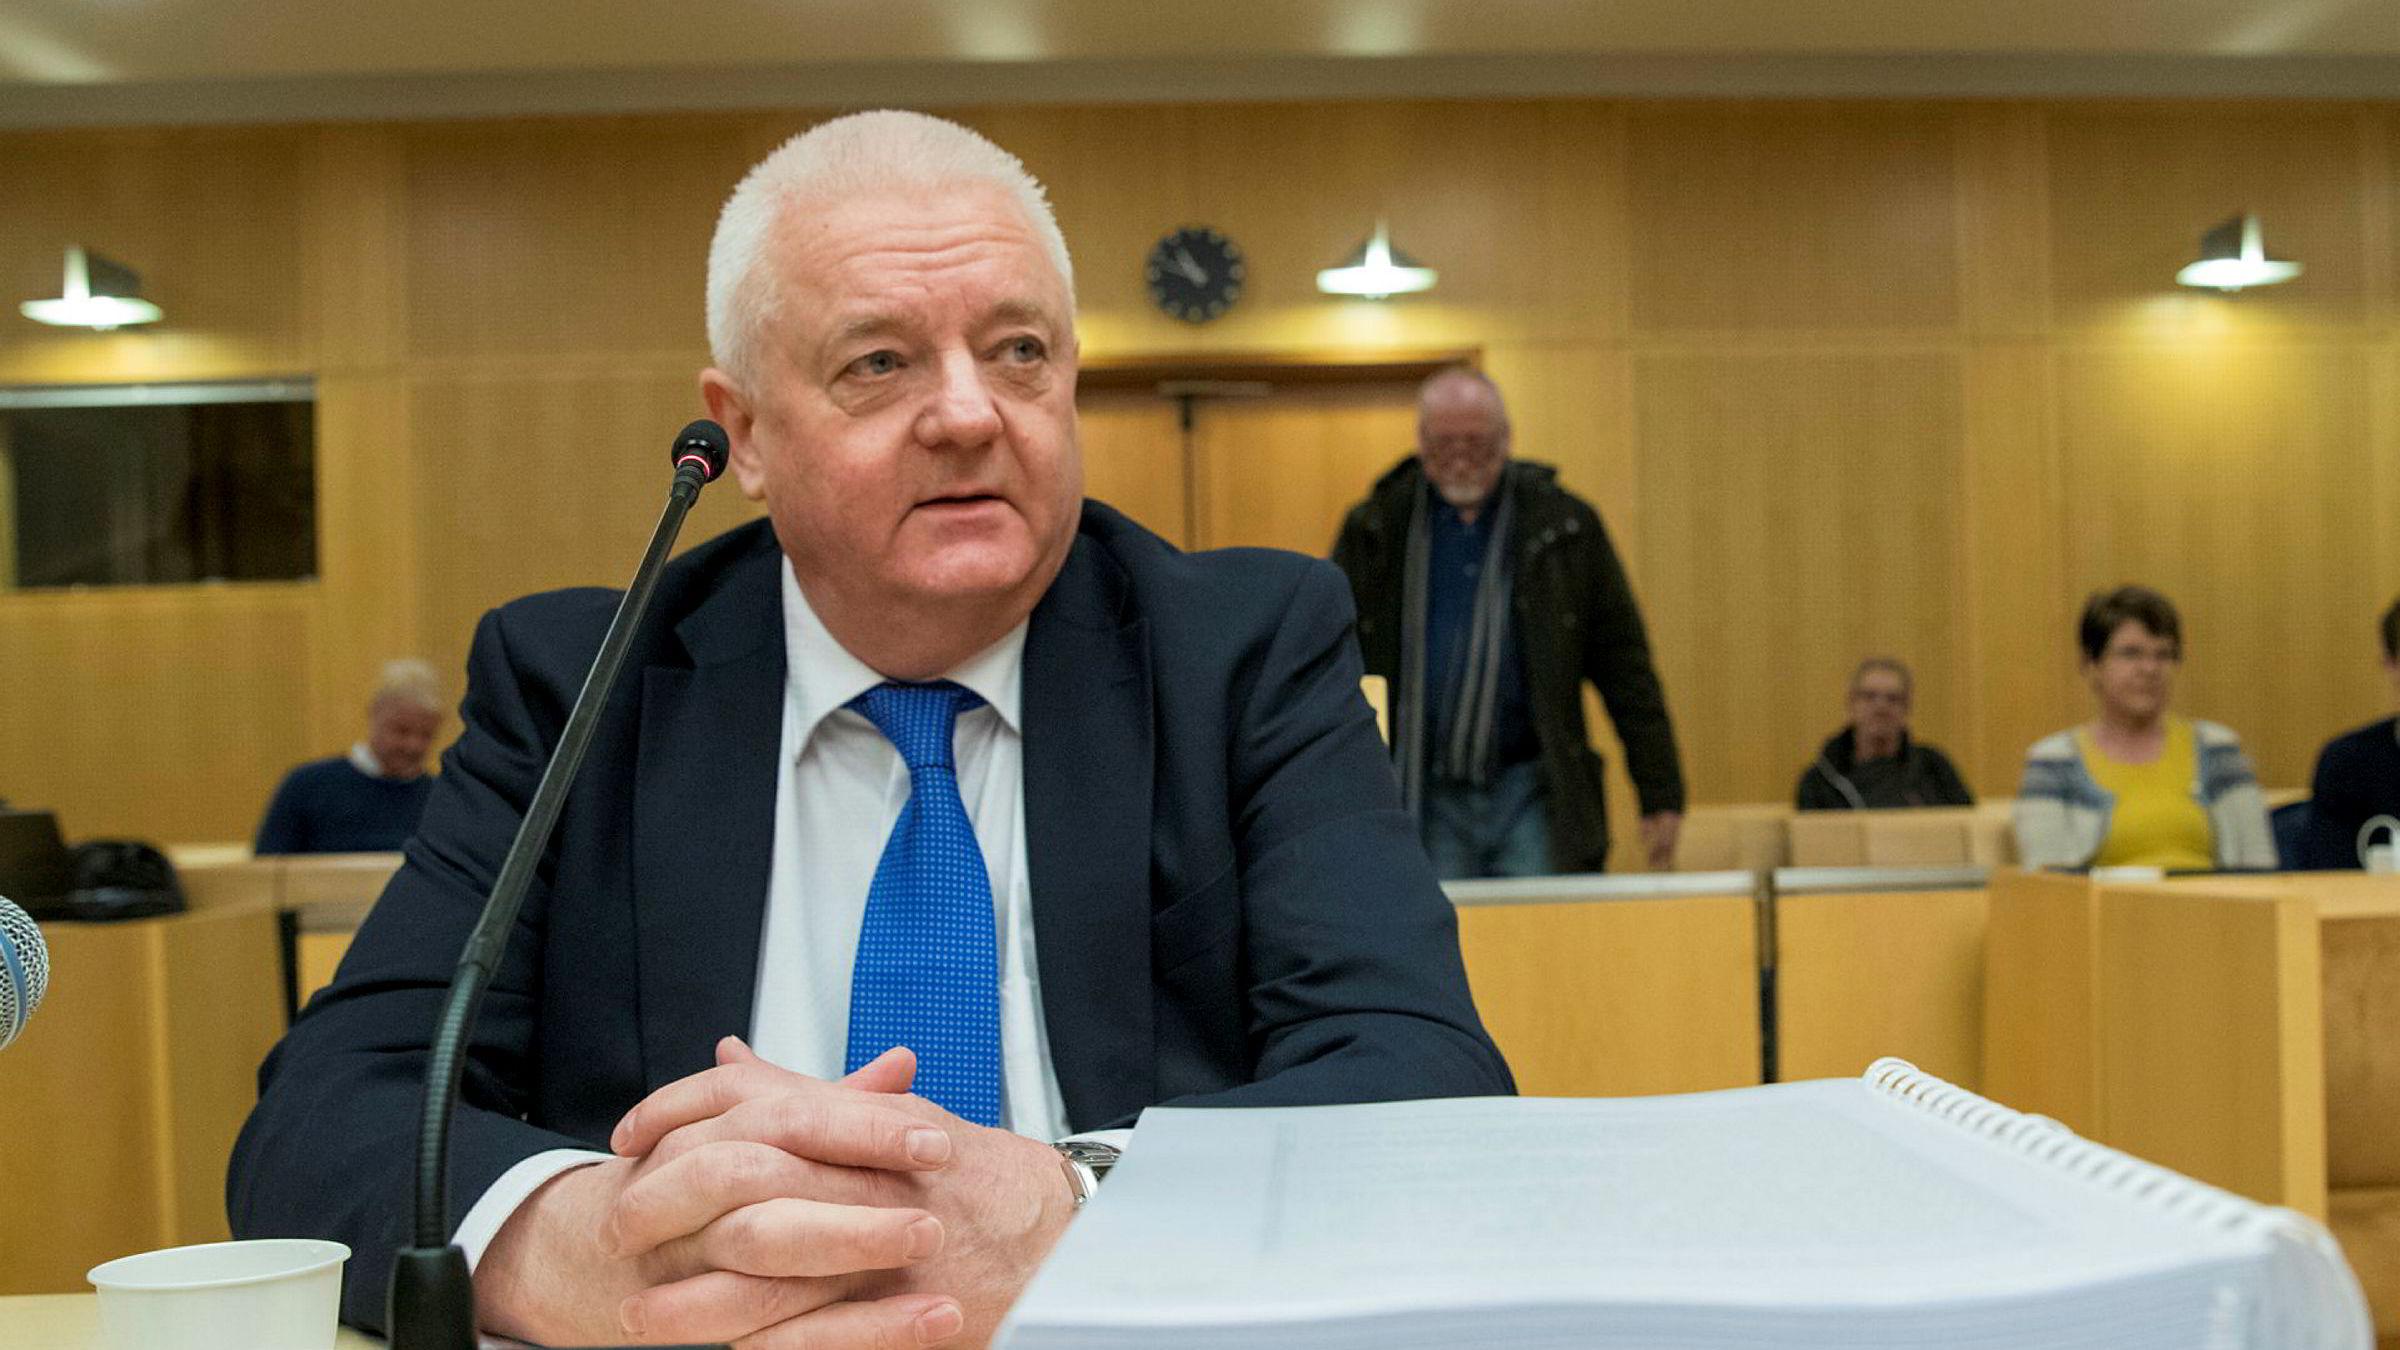 Frode Berg vitner i Oslo tingrett i forbindelse med Ølen-saken.  Kritikken mot Etterretningstjenestene vil bli vurdert av kompetente organer, skriver artikkelforfatteren.